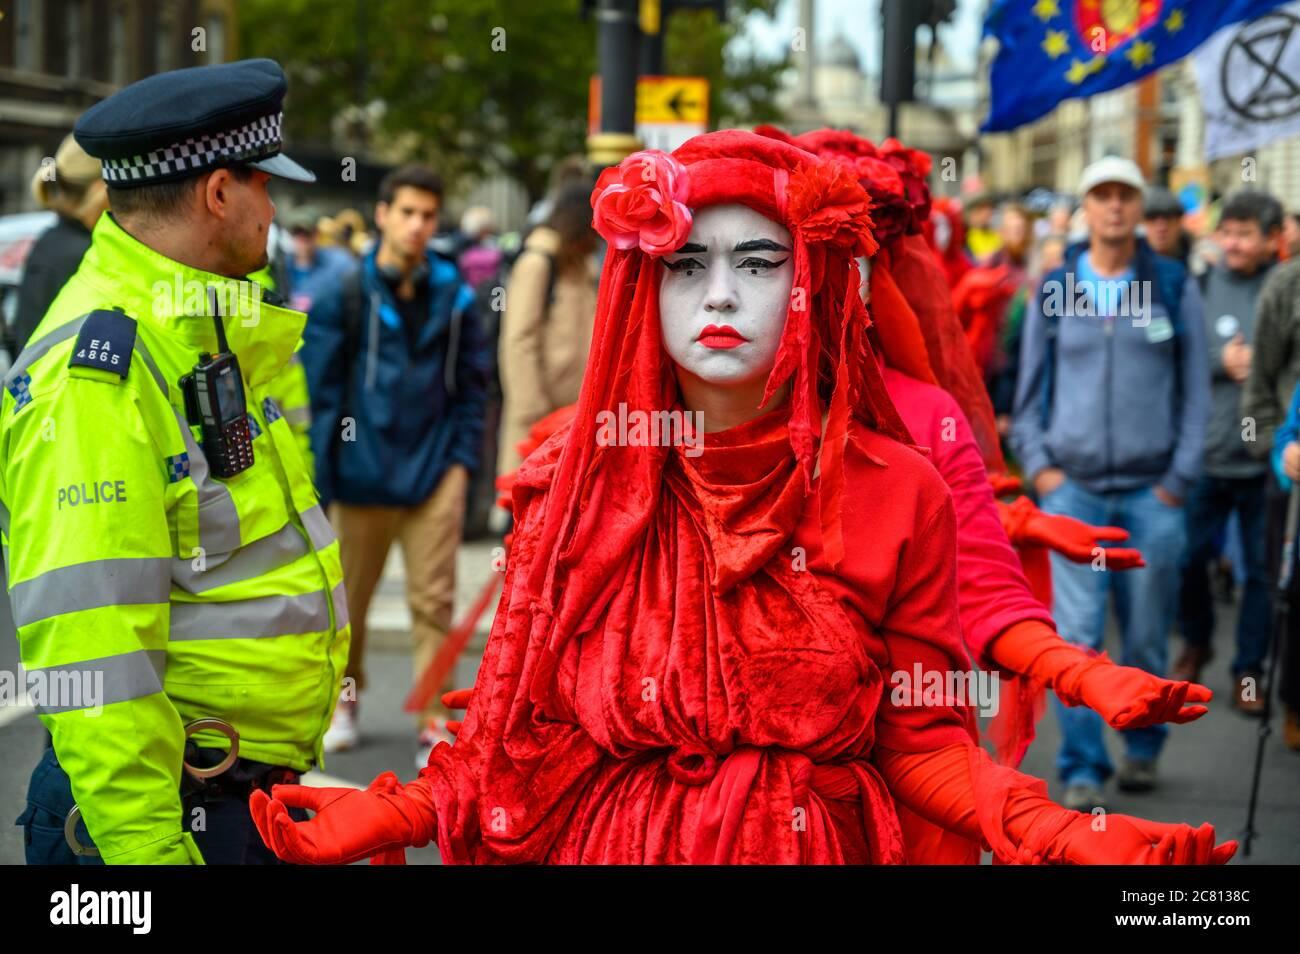 LONDRES - 18 DE OCTUBRE de 2019: Cerca de la extinción Rebelión de manifestantes de la Brigada Roja pasando por un oficial de policía metropolitana Foto de stock